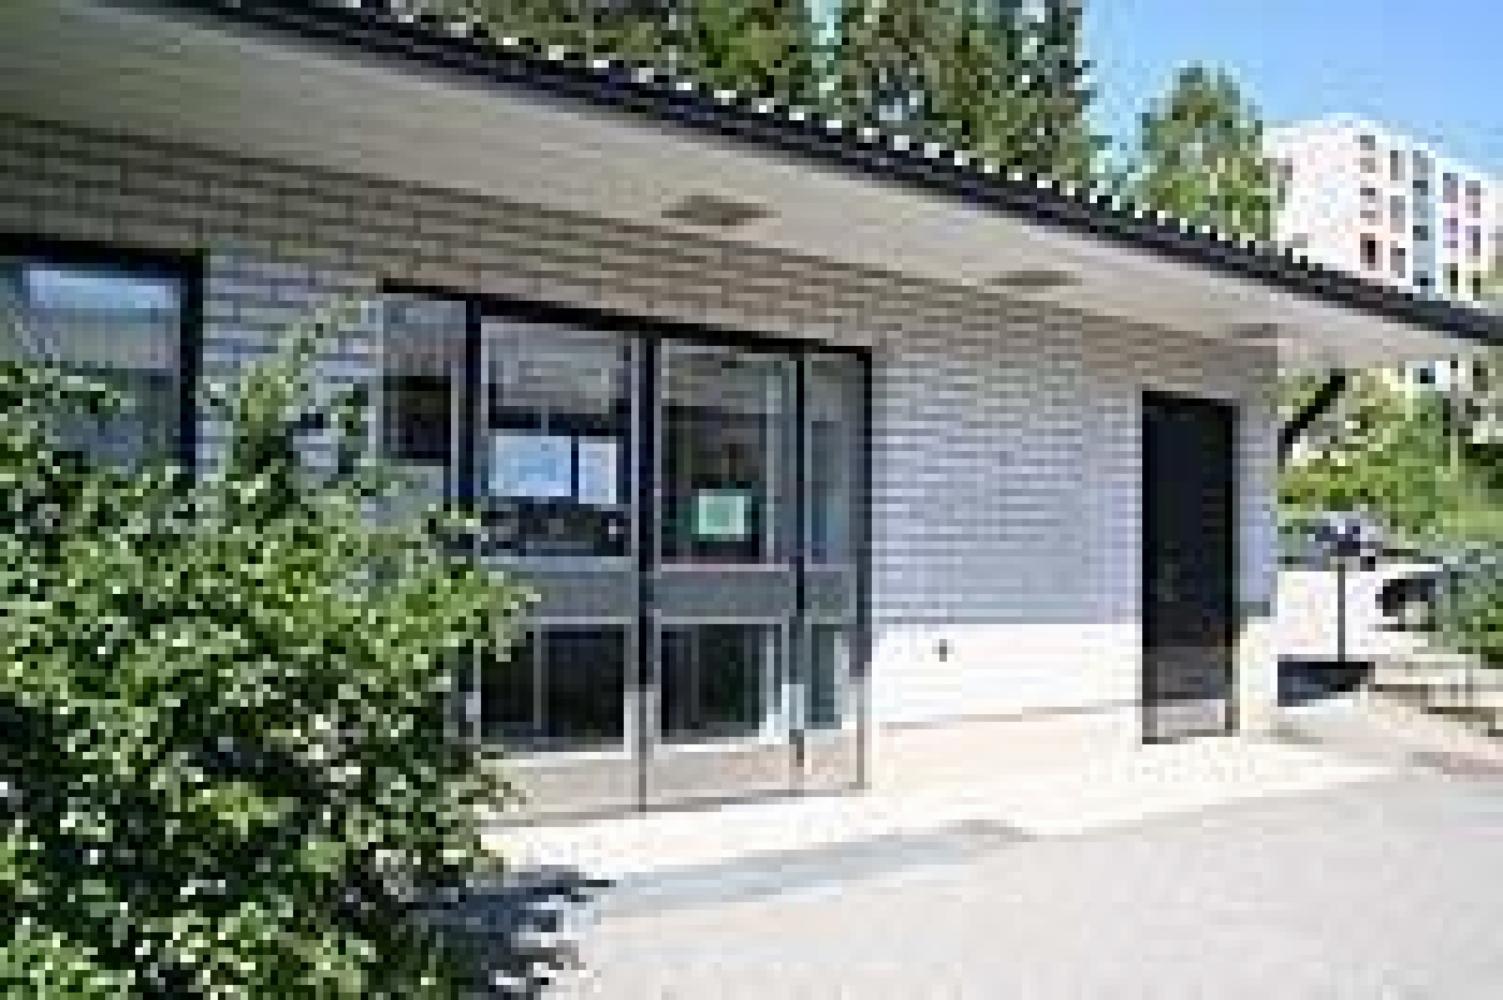 Keltinmäki library